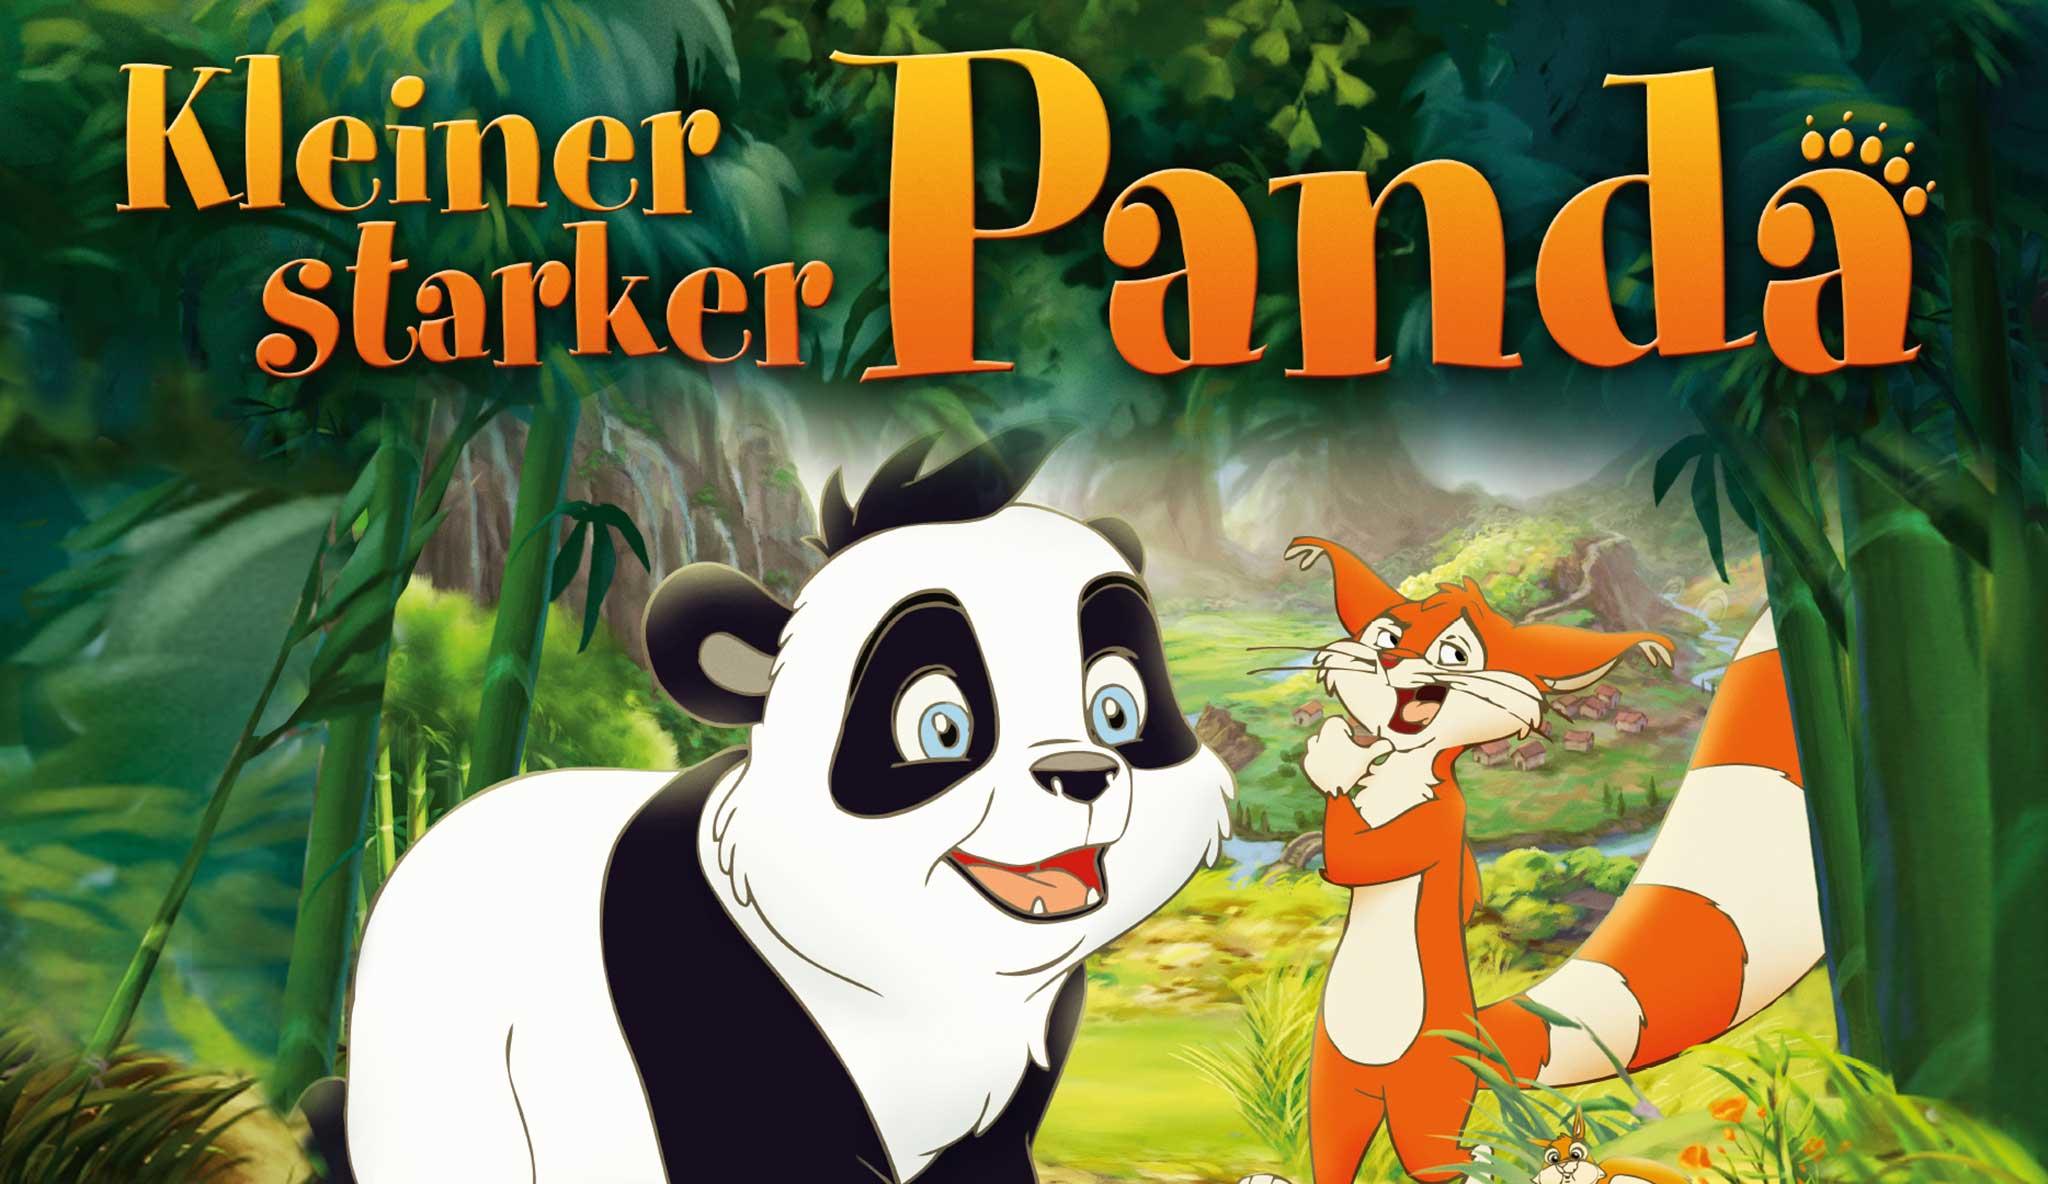 kleiner-starker-panda\header.jpg